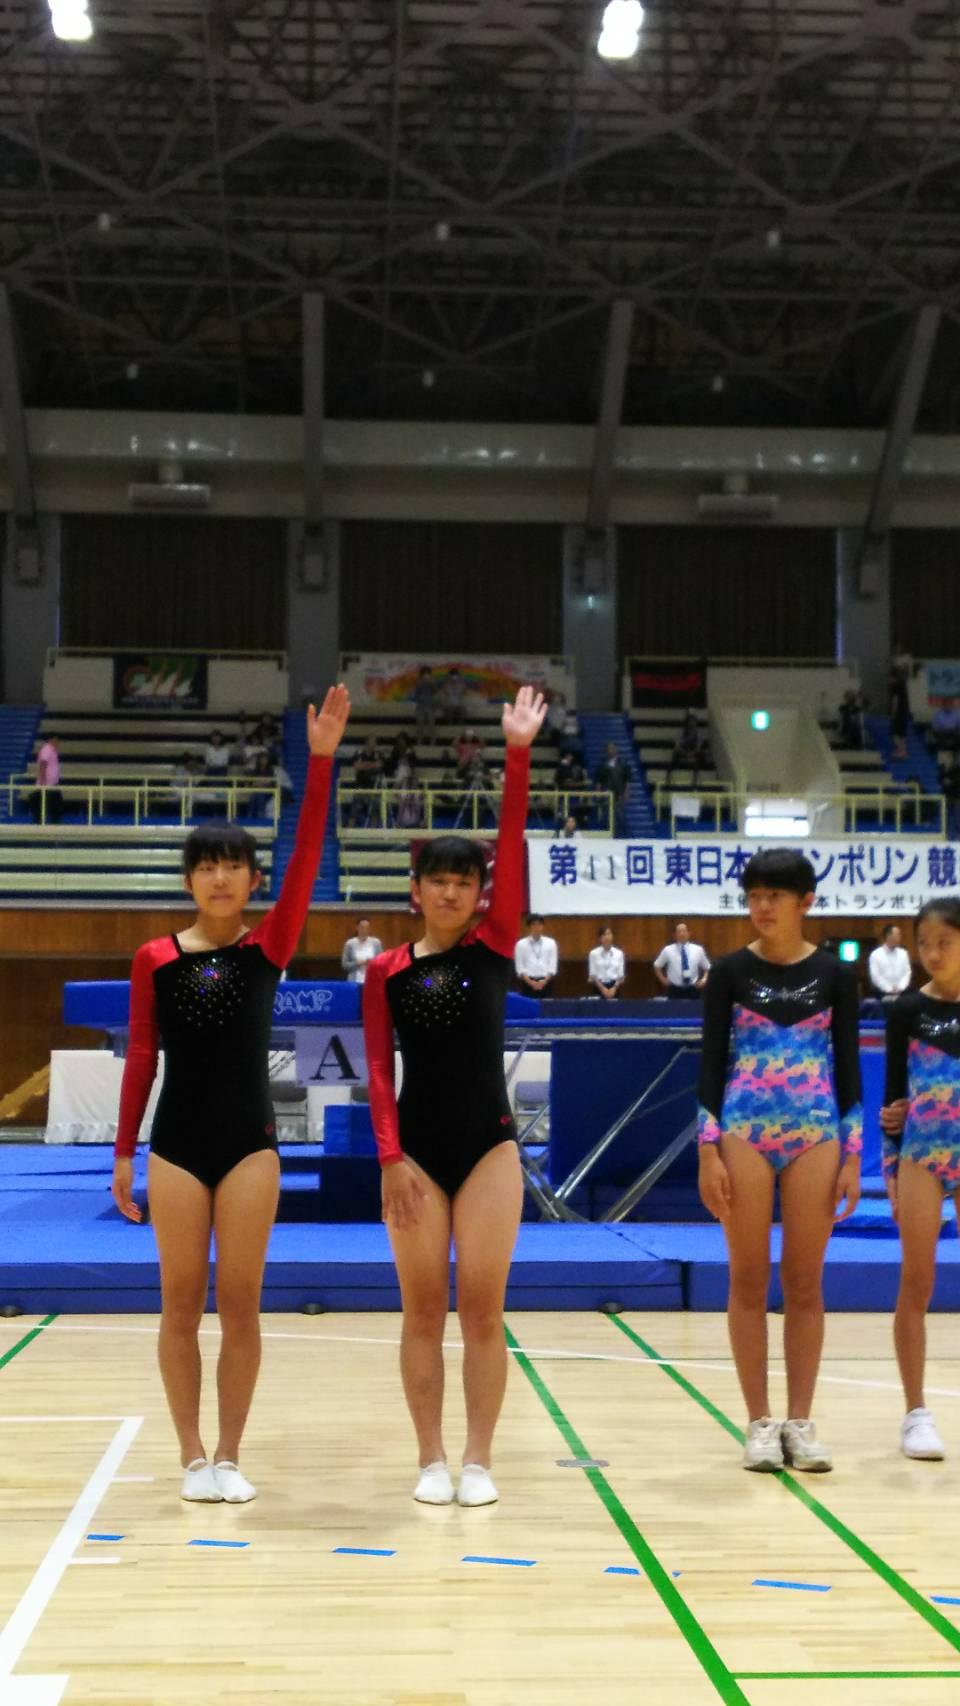 ベルデスポーツクラブ東日本トランポリン競技選手権大会